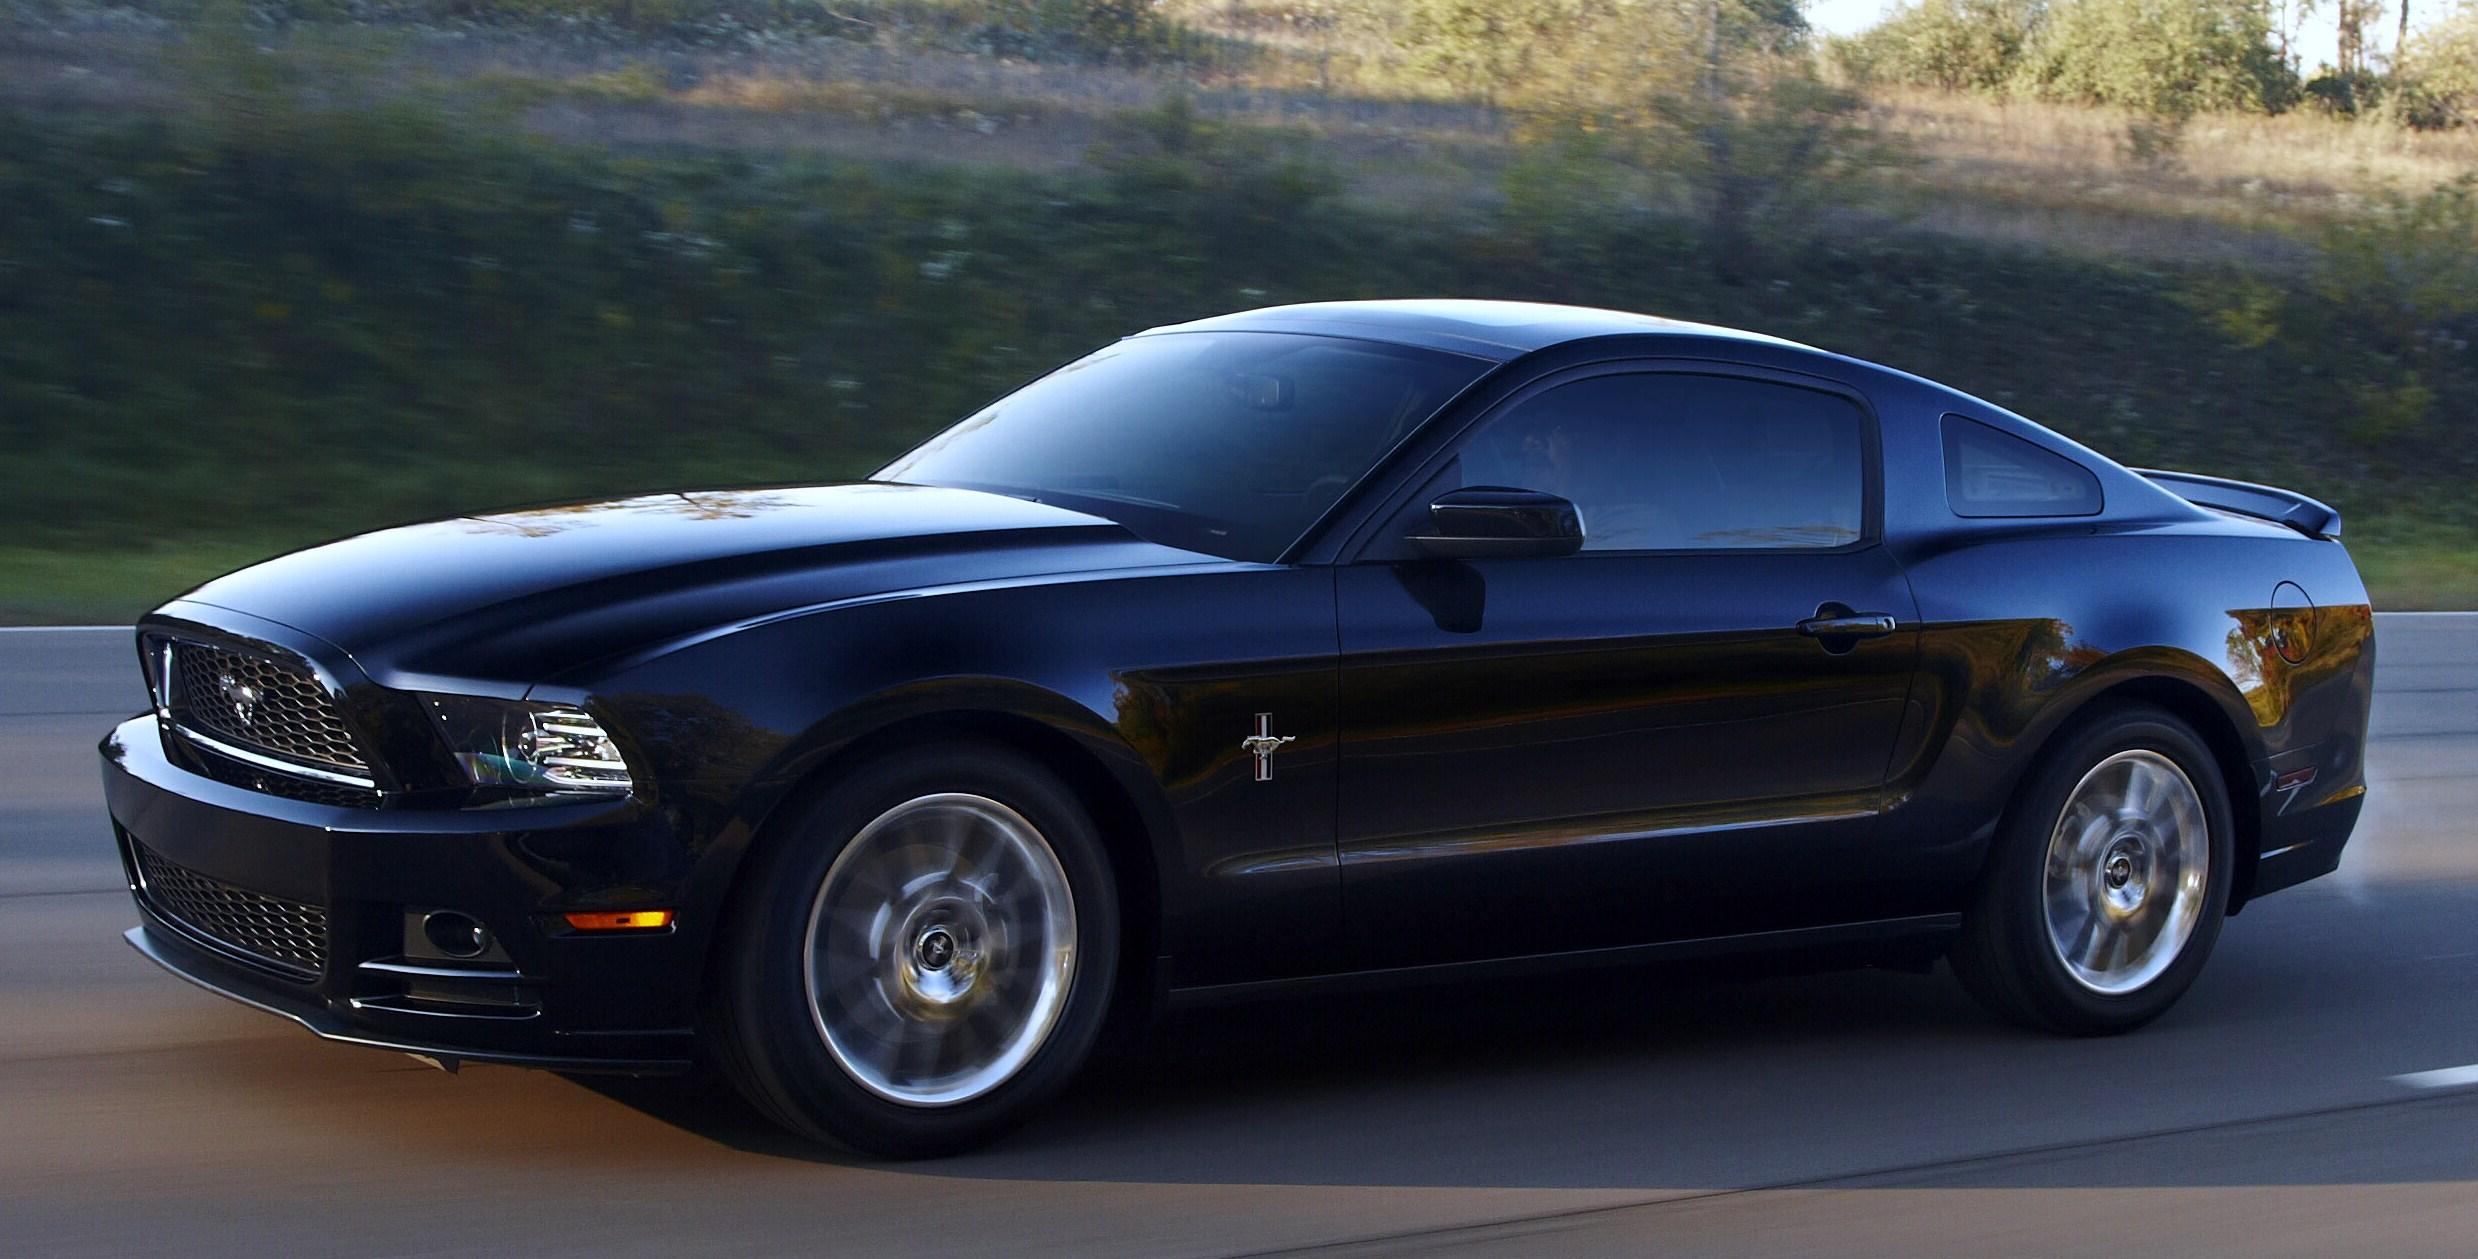 httpblog.chron.comcarsandtrucksfiles20120313-MUST-GT-FT.jpg.jpg